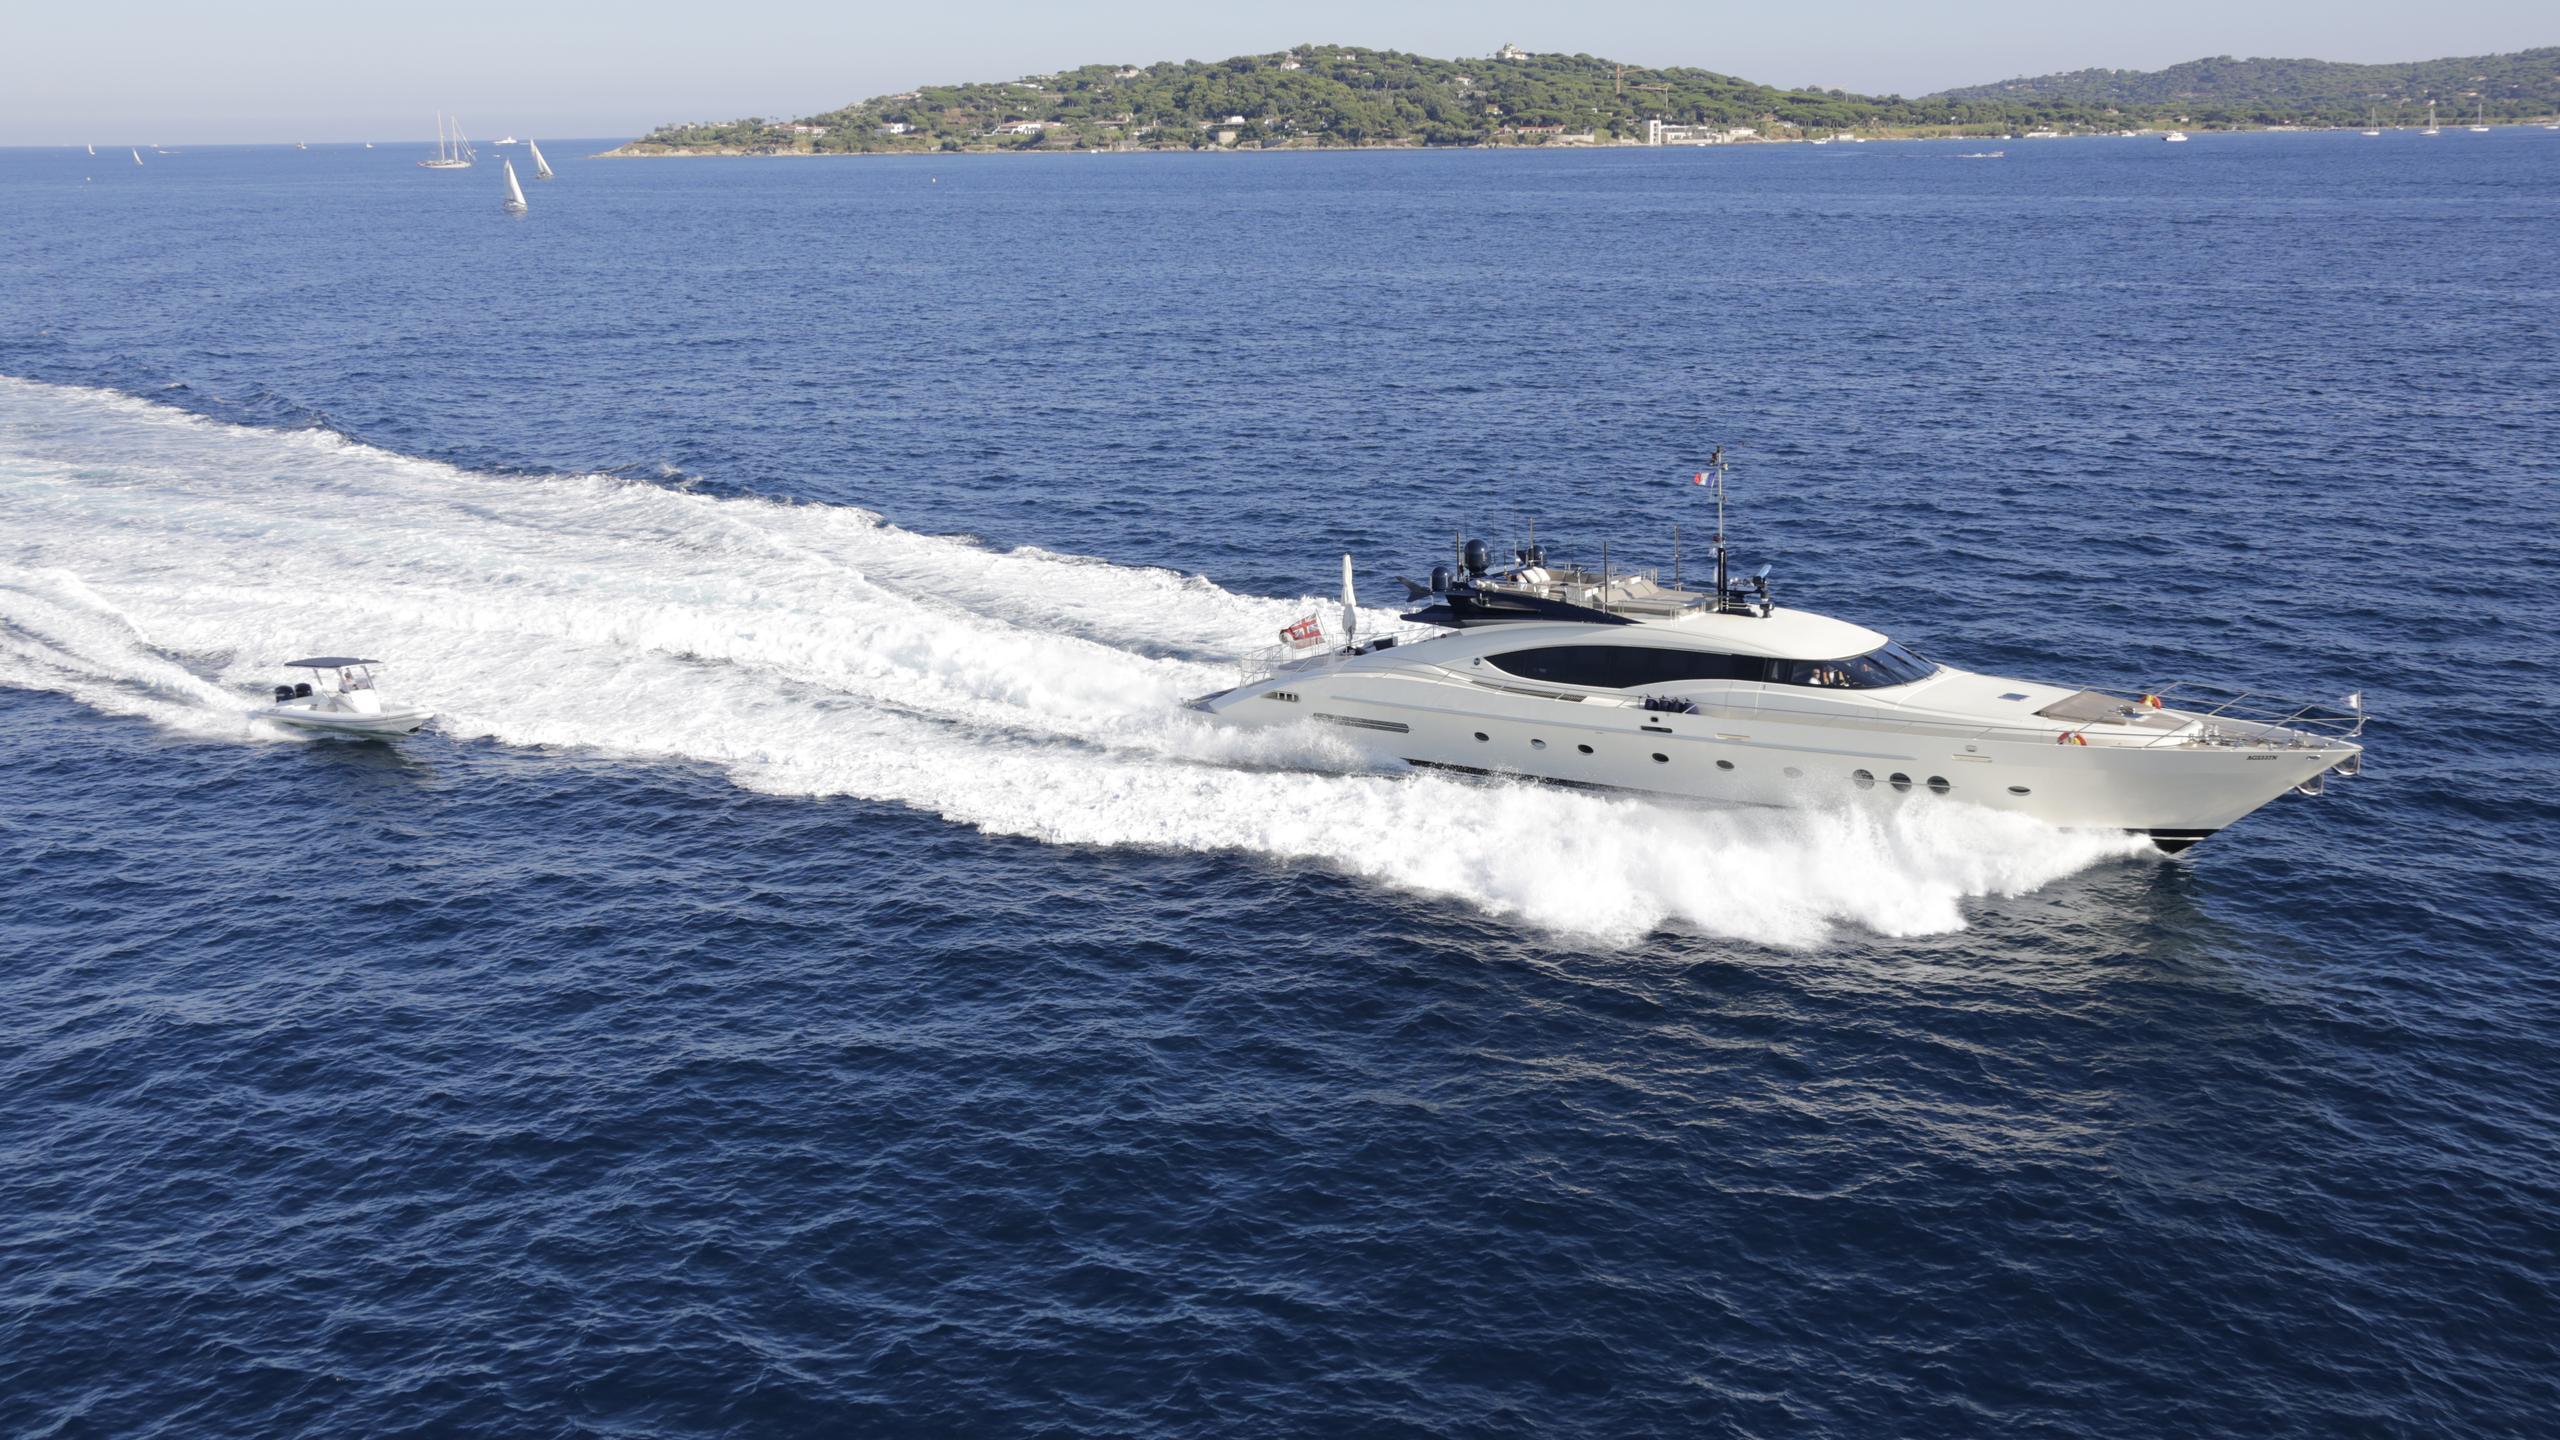 vanquish-yacht-cruising